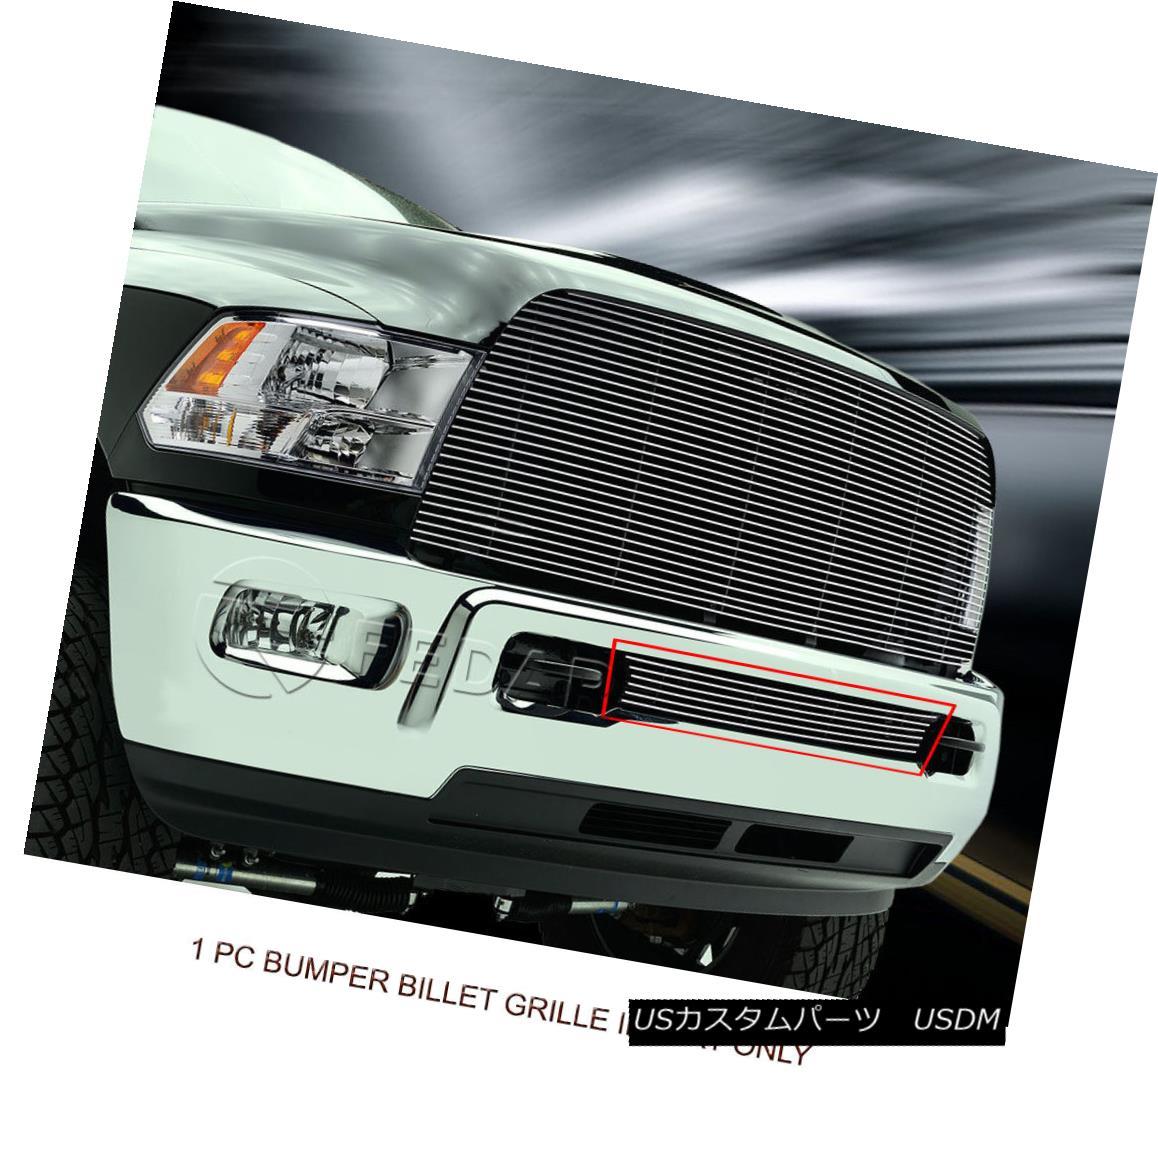 グリル Fedar Fits 2013-2017 Dodge Ram 2500/3500 Polished Bumper Billet Grille Insert Fedar Fit 2013-2017 Dodge Ram 2500/3500ポリッシュバンパービレットグリルインサート